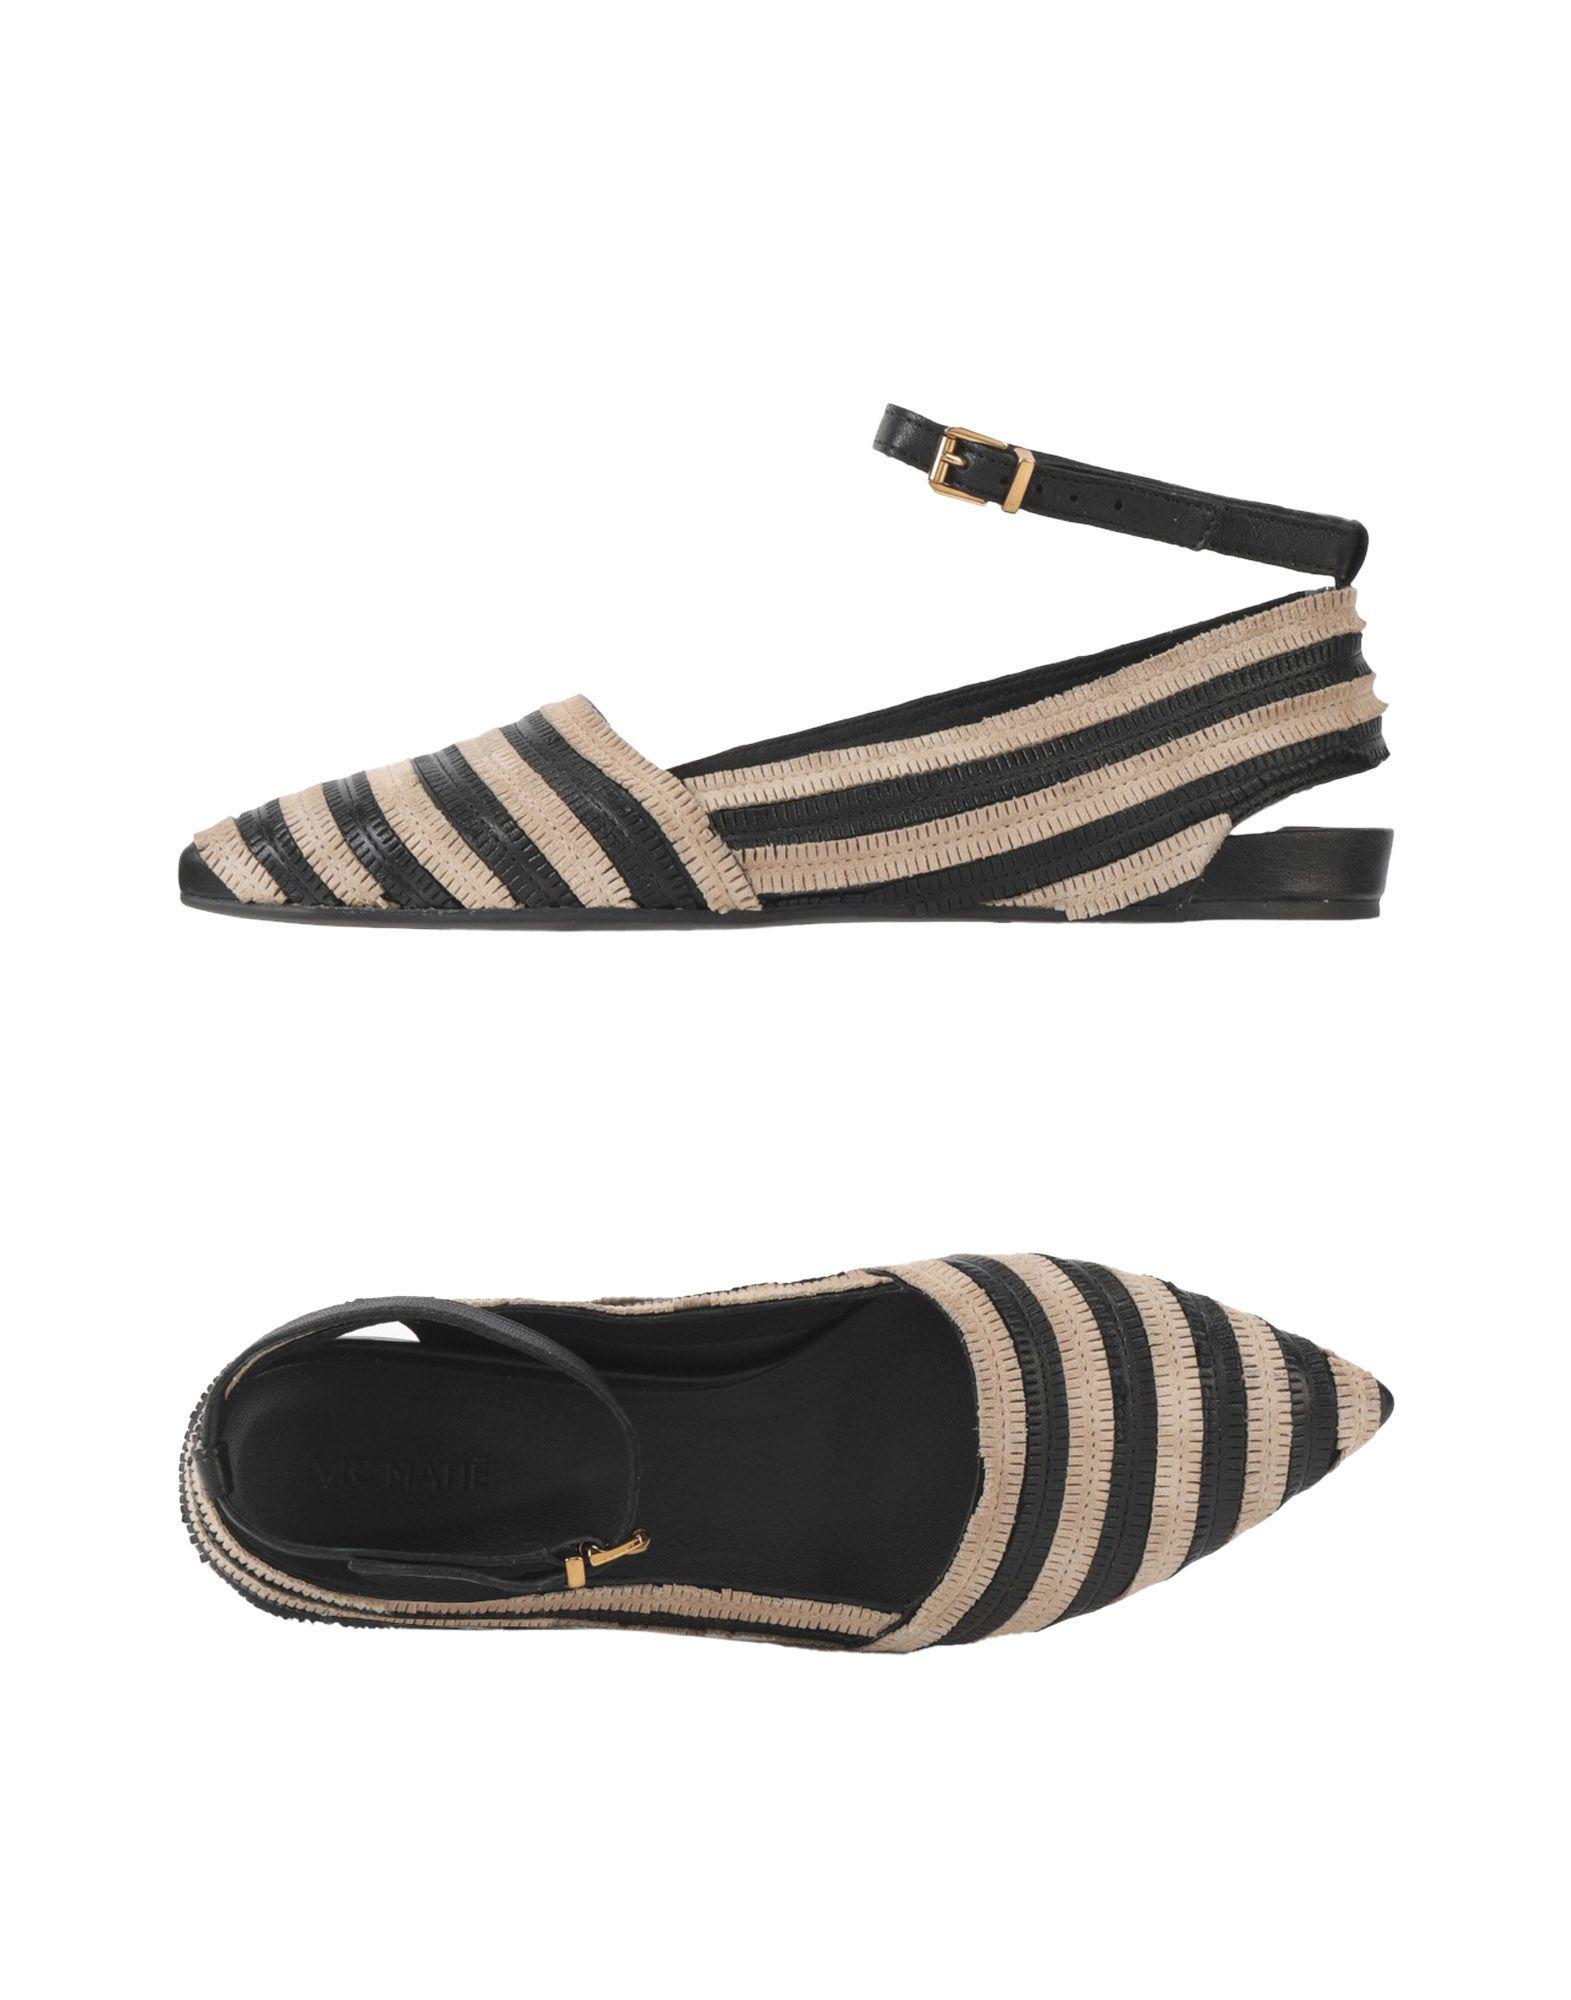 vicmatie shoes Matie Pinterest VIC flat Ballet Vic MATIE BnHAAxW6